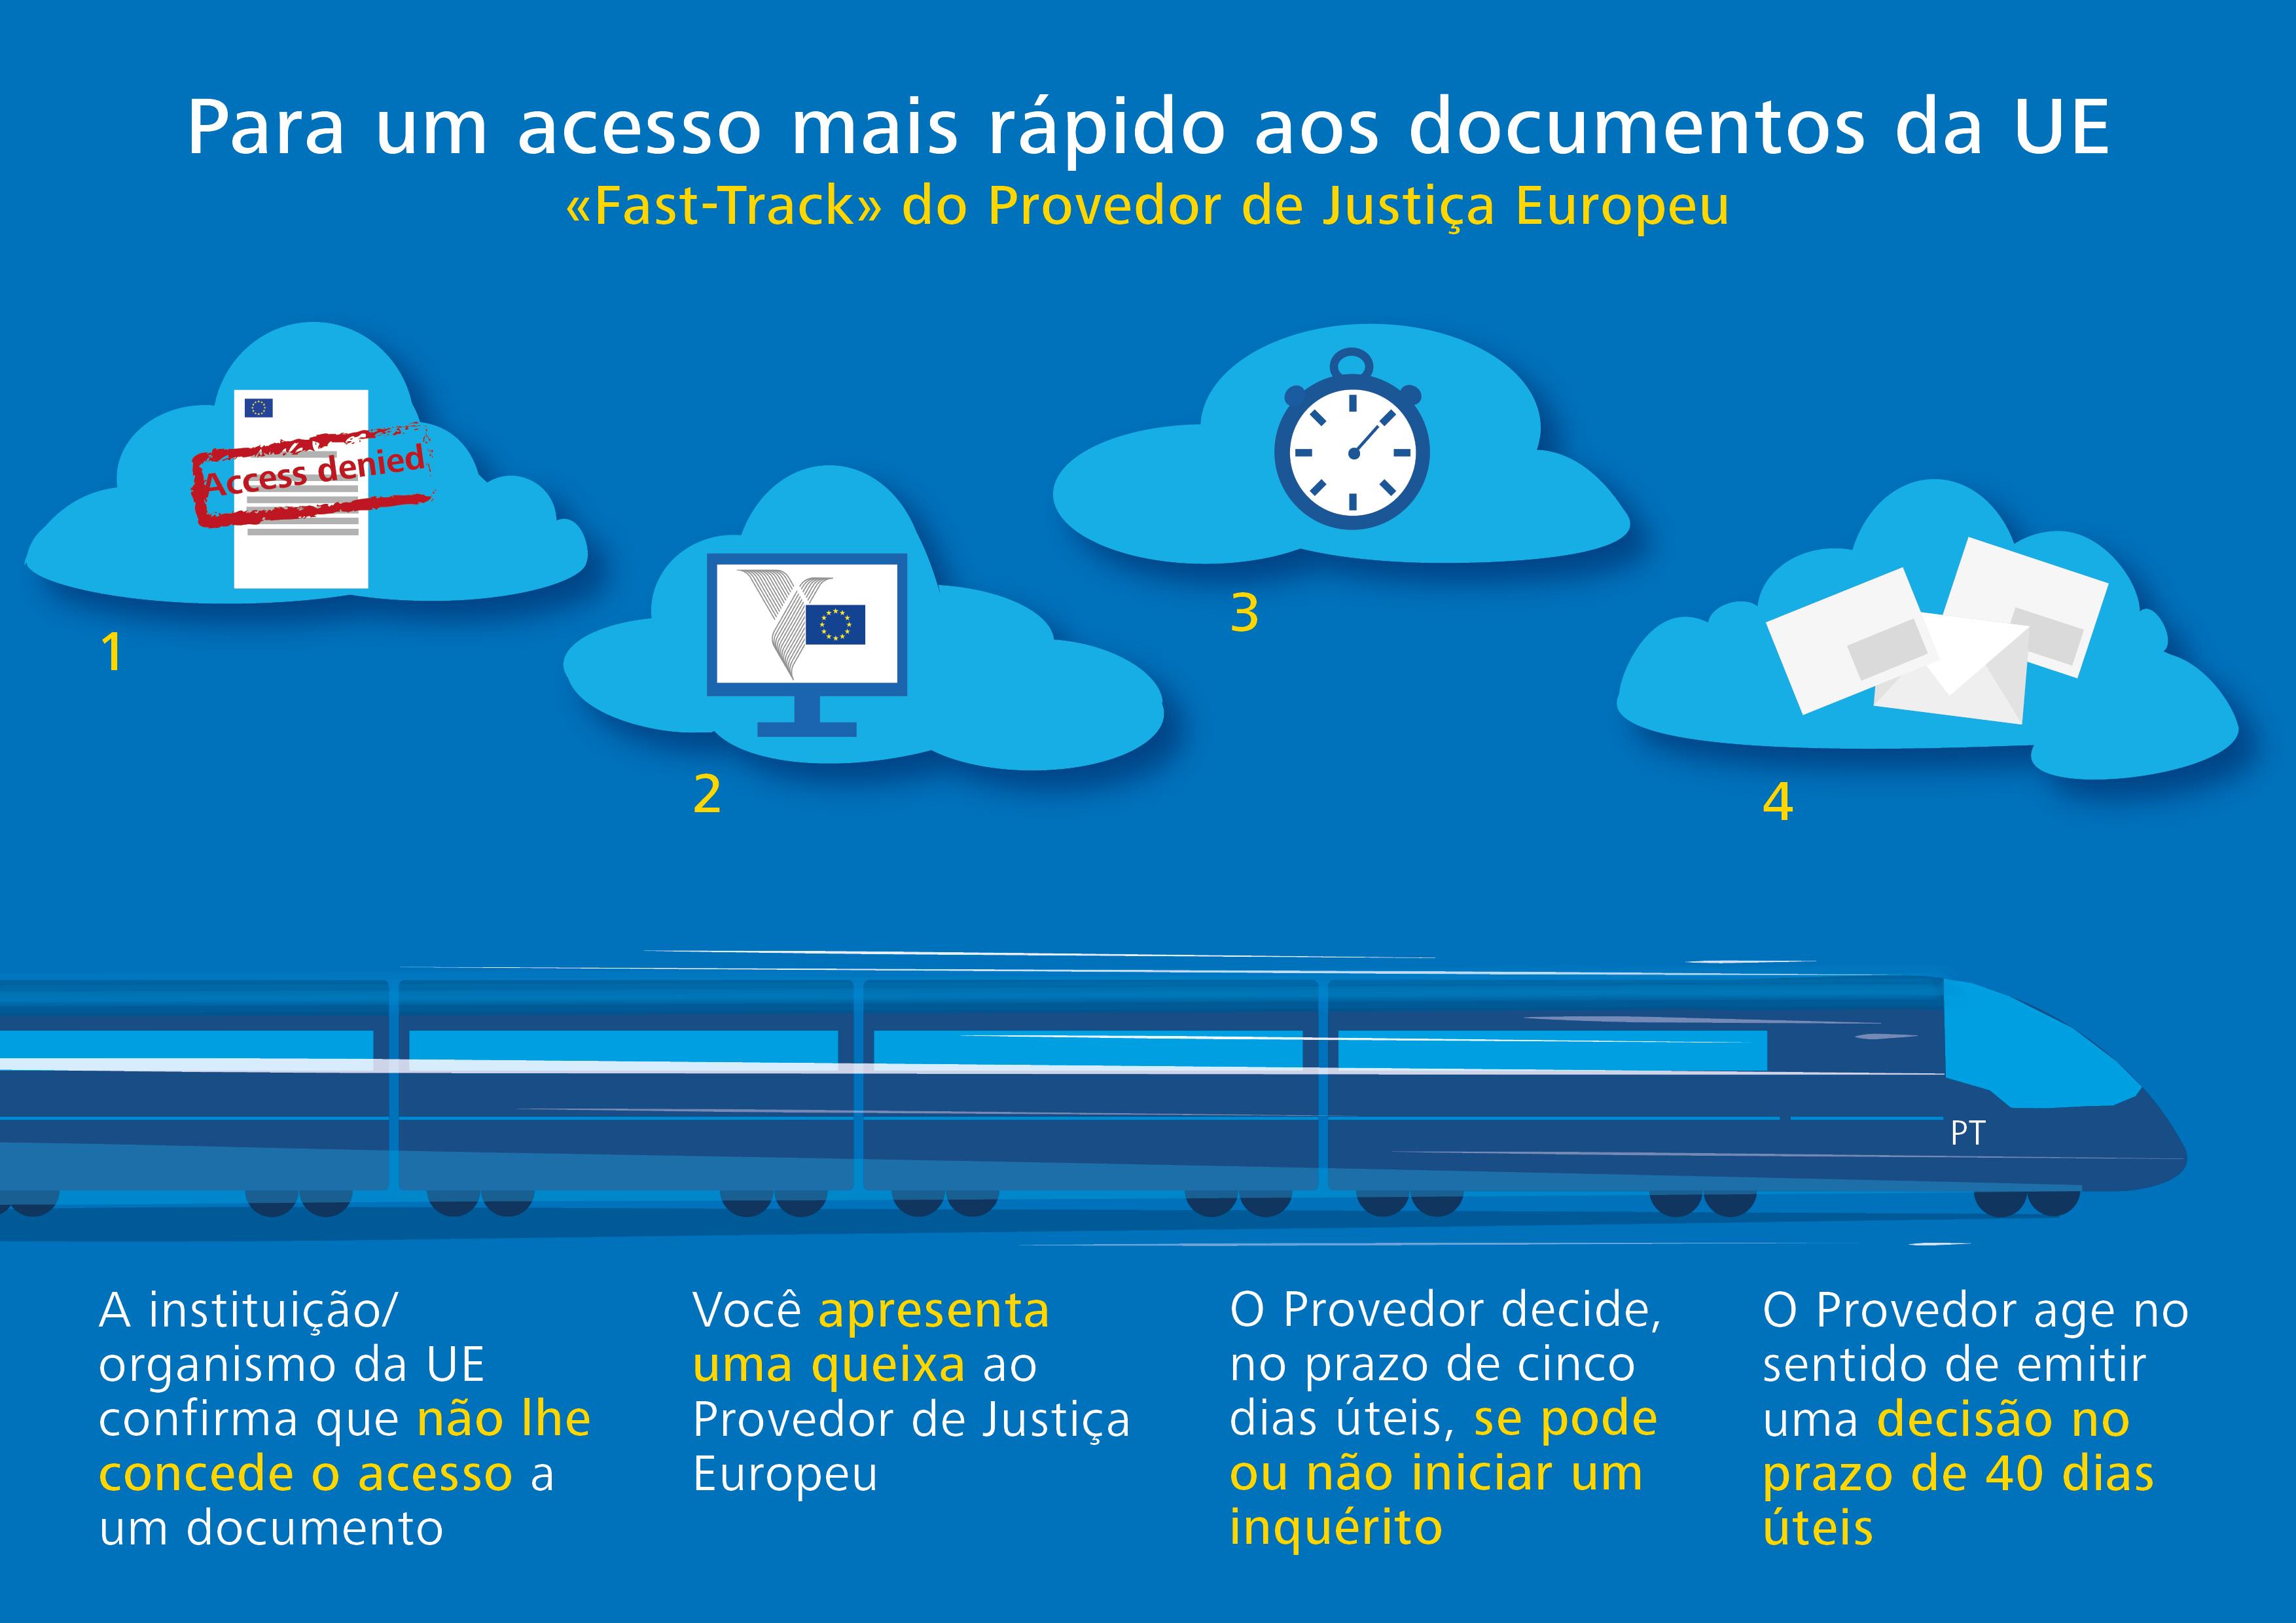 Para um acesso mais rápido aos documentos da UE